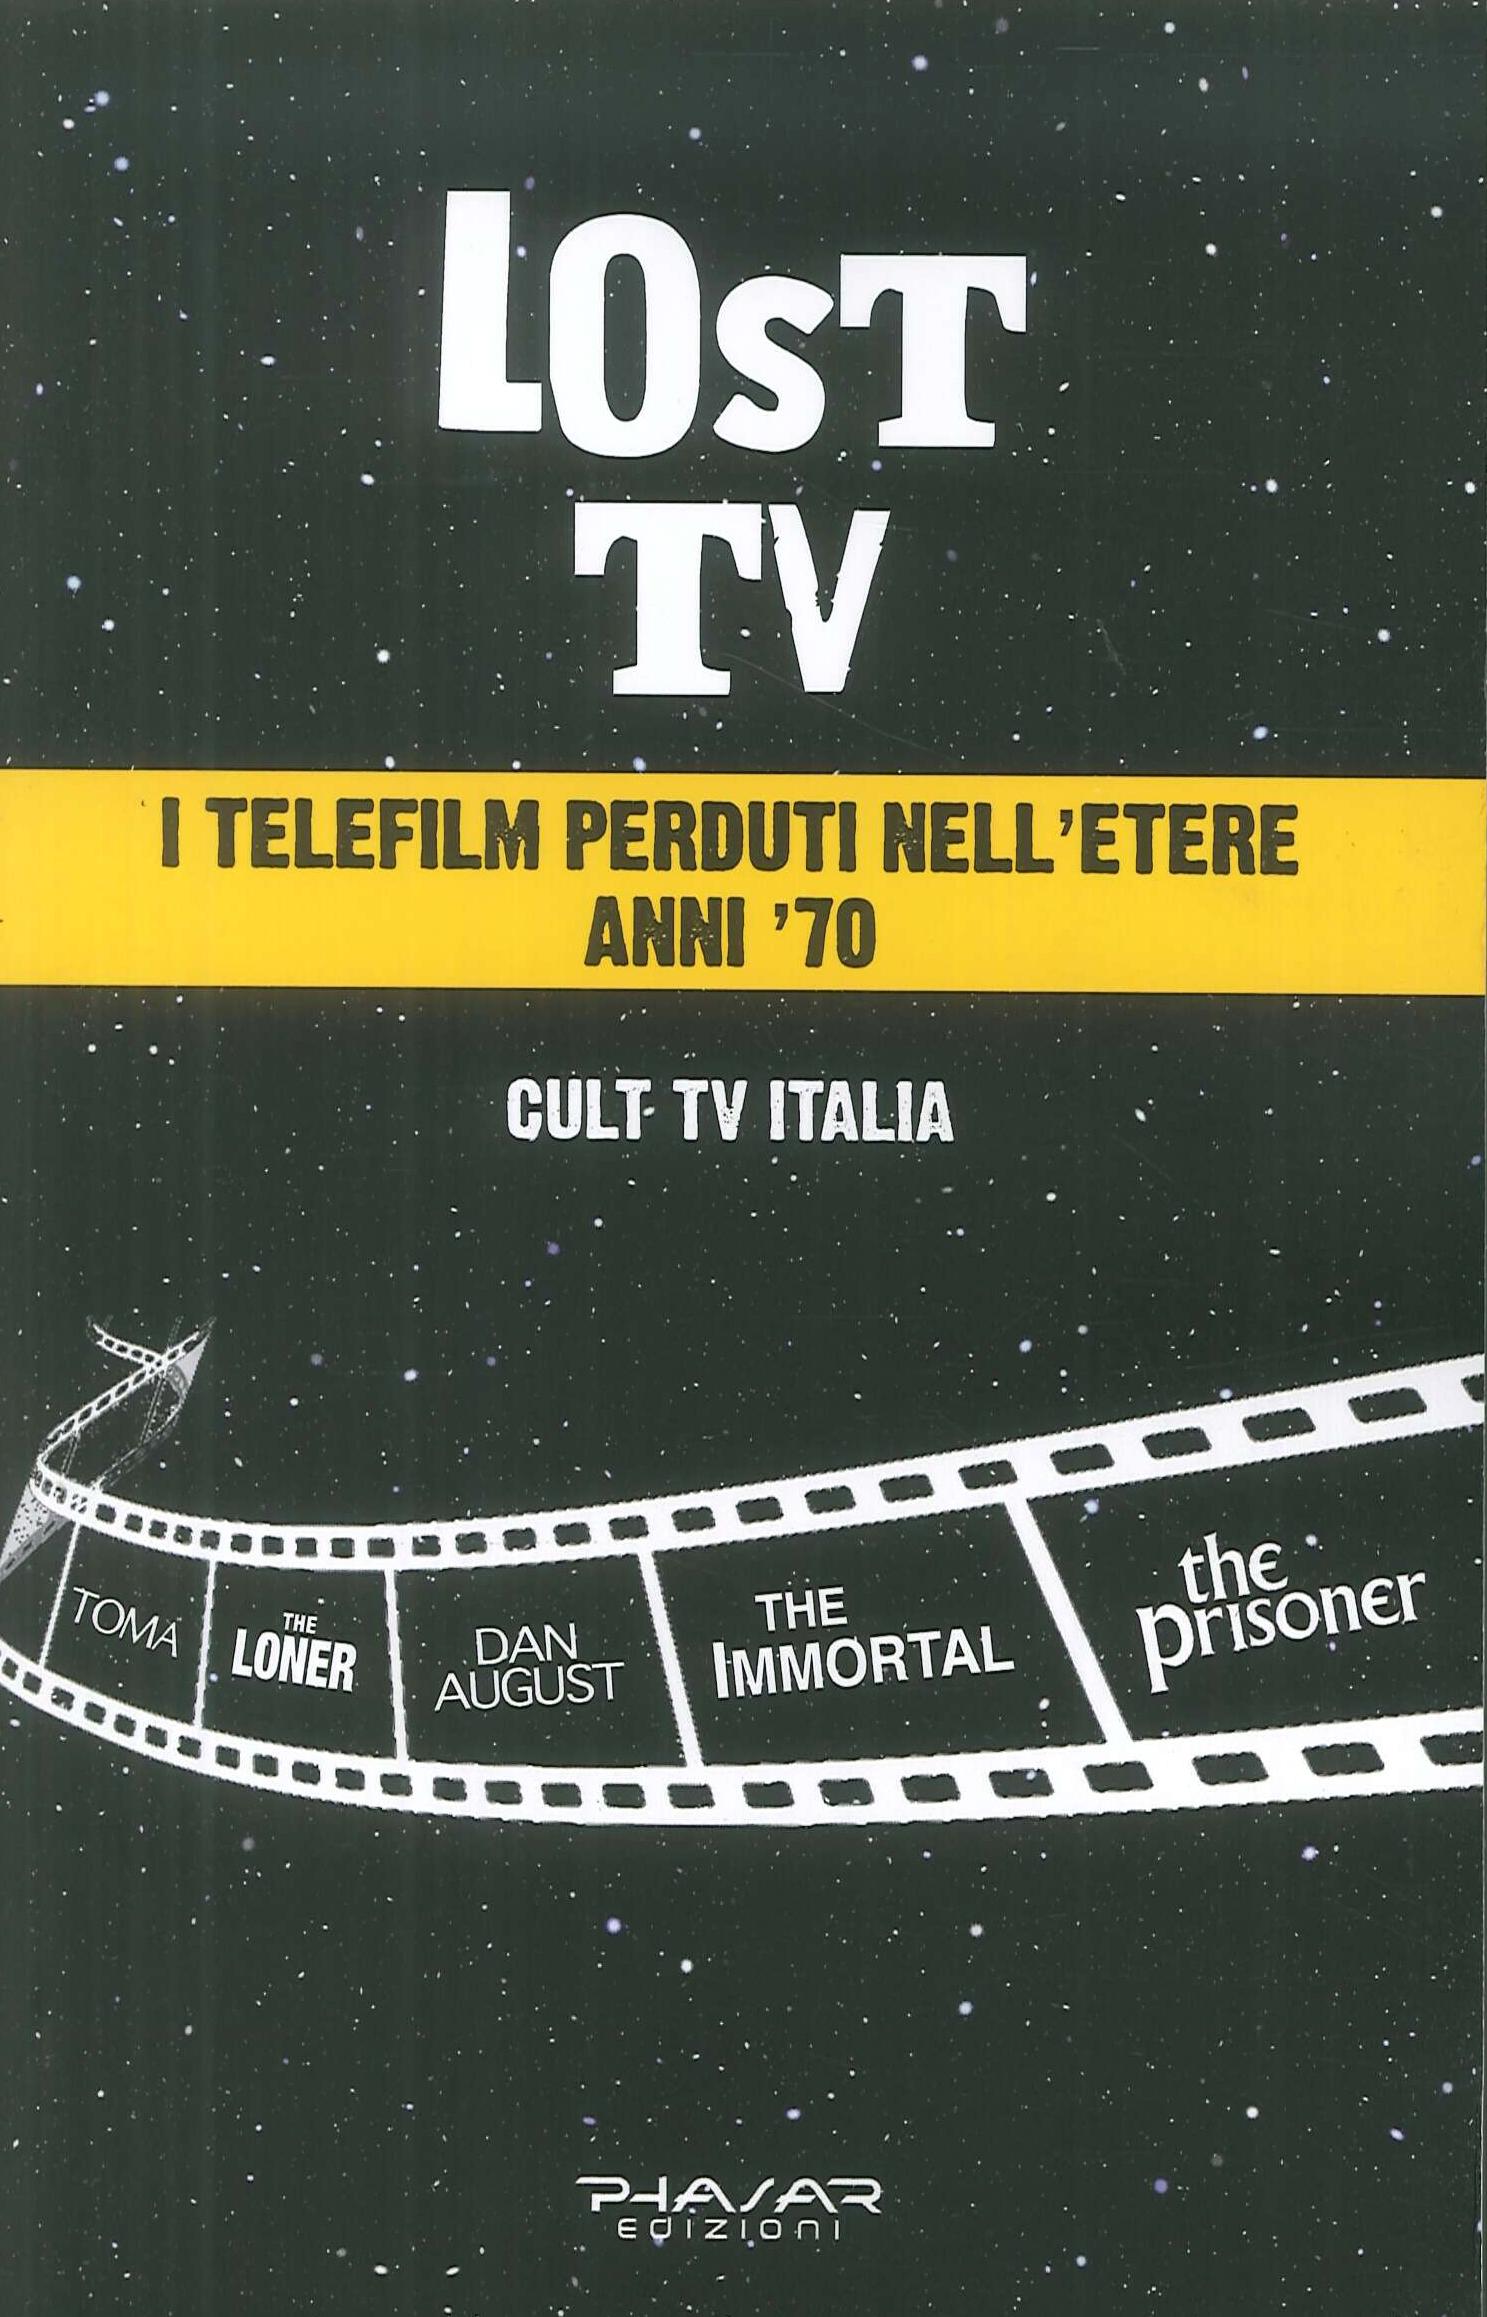 Lost Tv. I telefilm perduti nell'etere anni '70